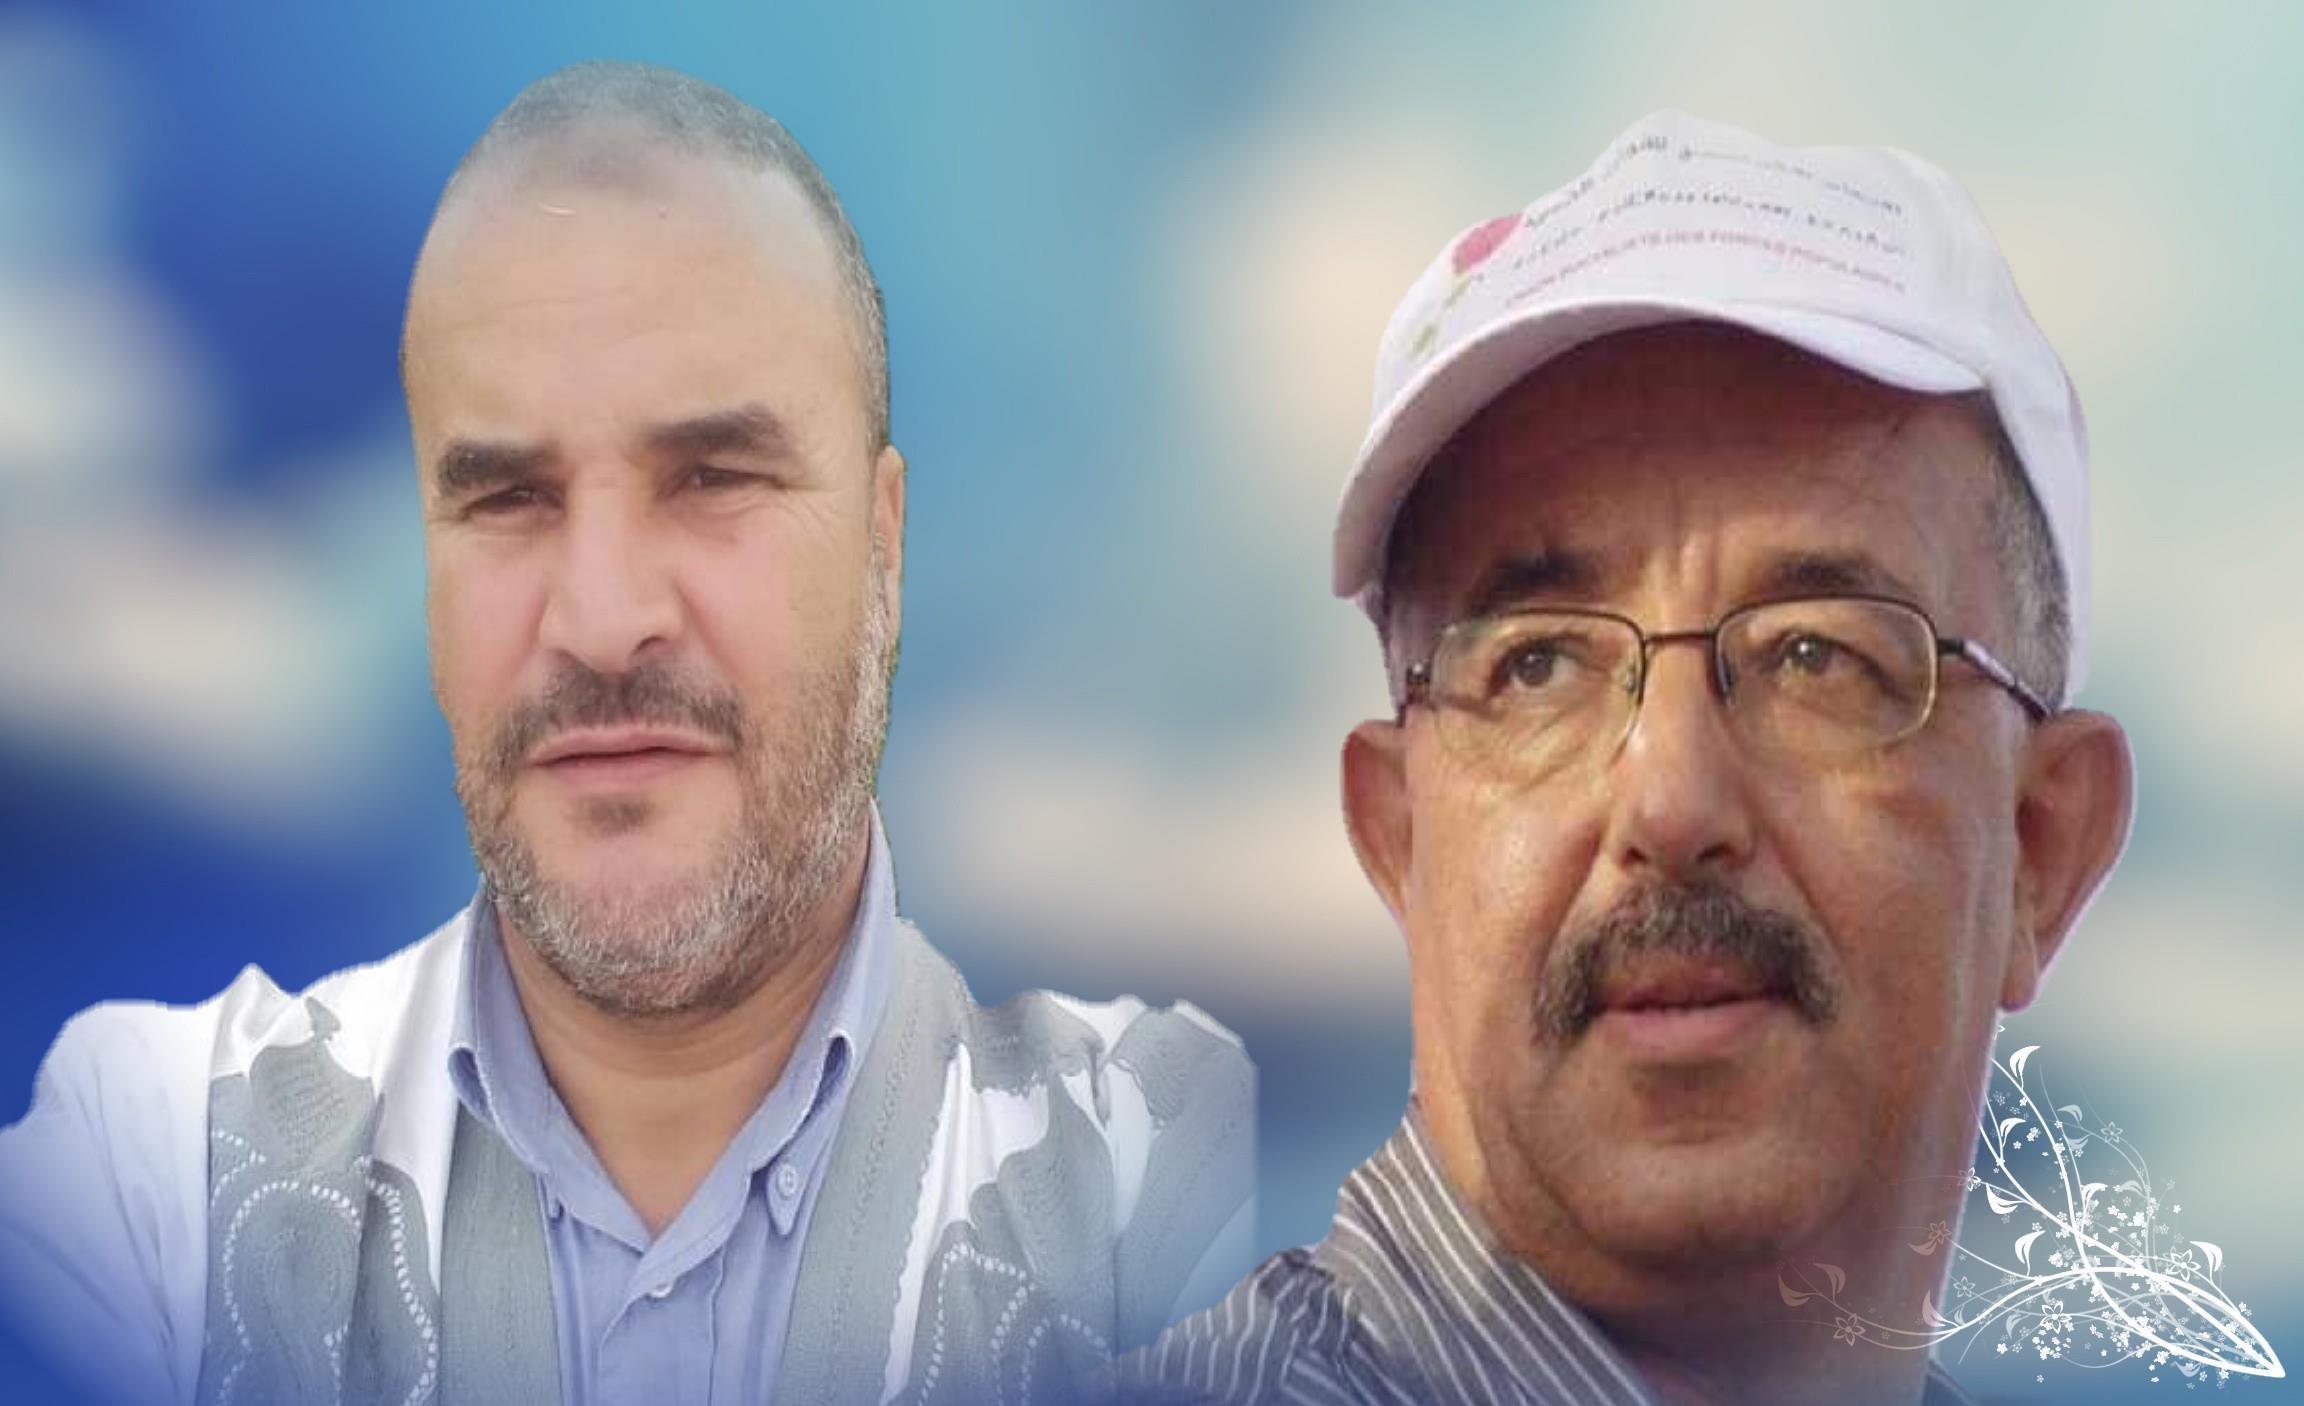 ردا على لحسن بينواري محمد السيك يكتب: الرجاء عدم الاغتيال